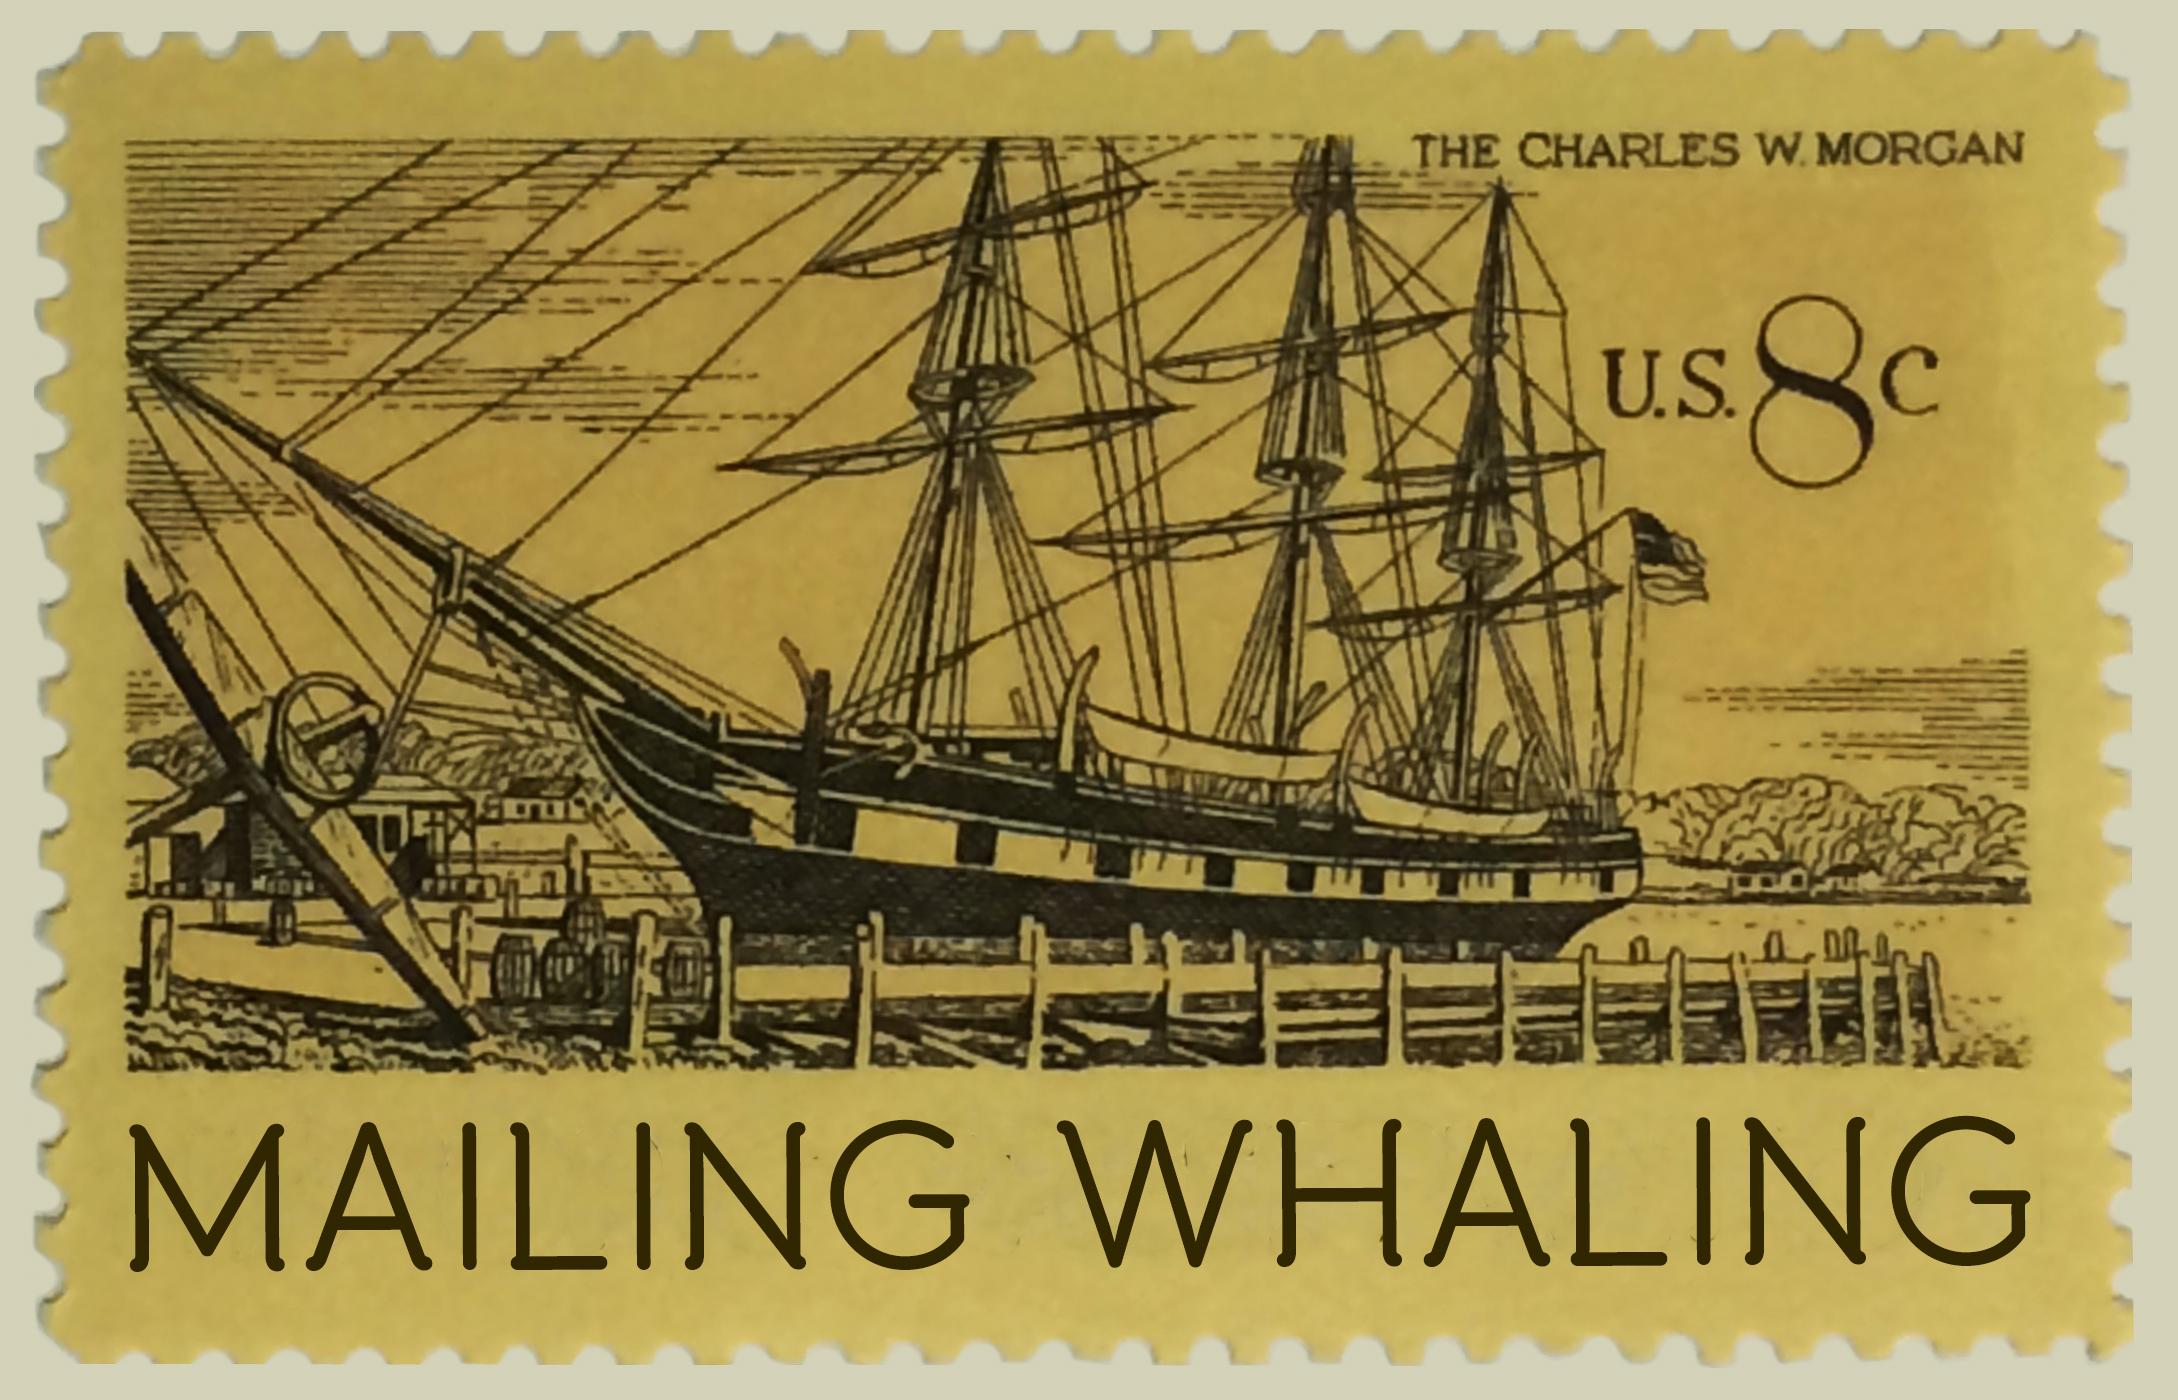 mailing_whaling_main.jpg